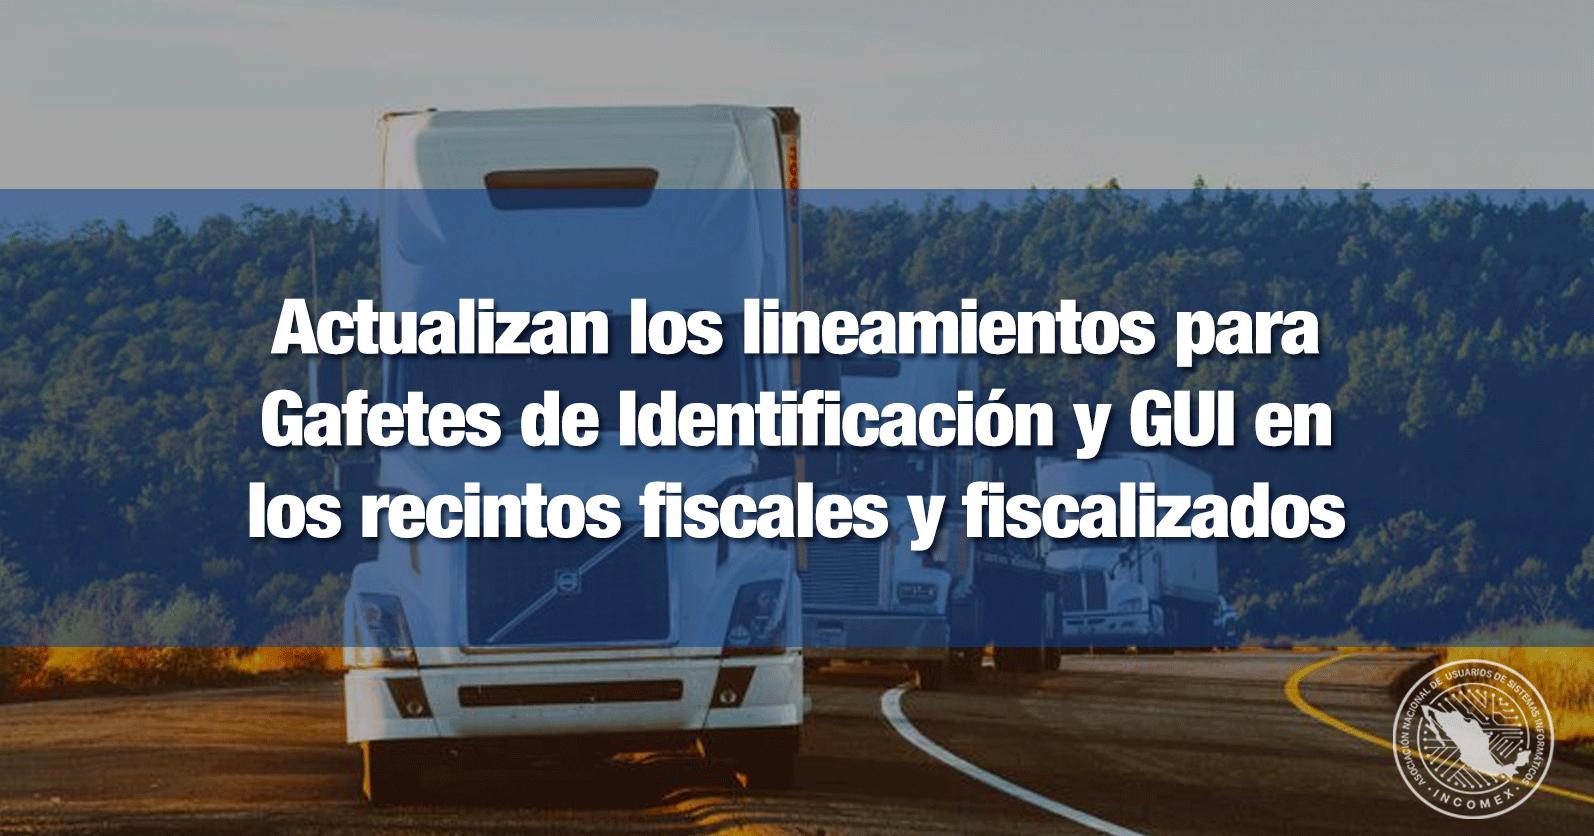 Actualizan los lineamientos para Gafetes de Identificación y GUI en los recintos fiscales y fiscalizados